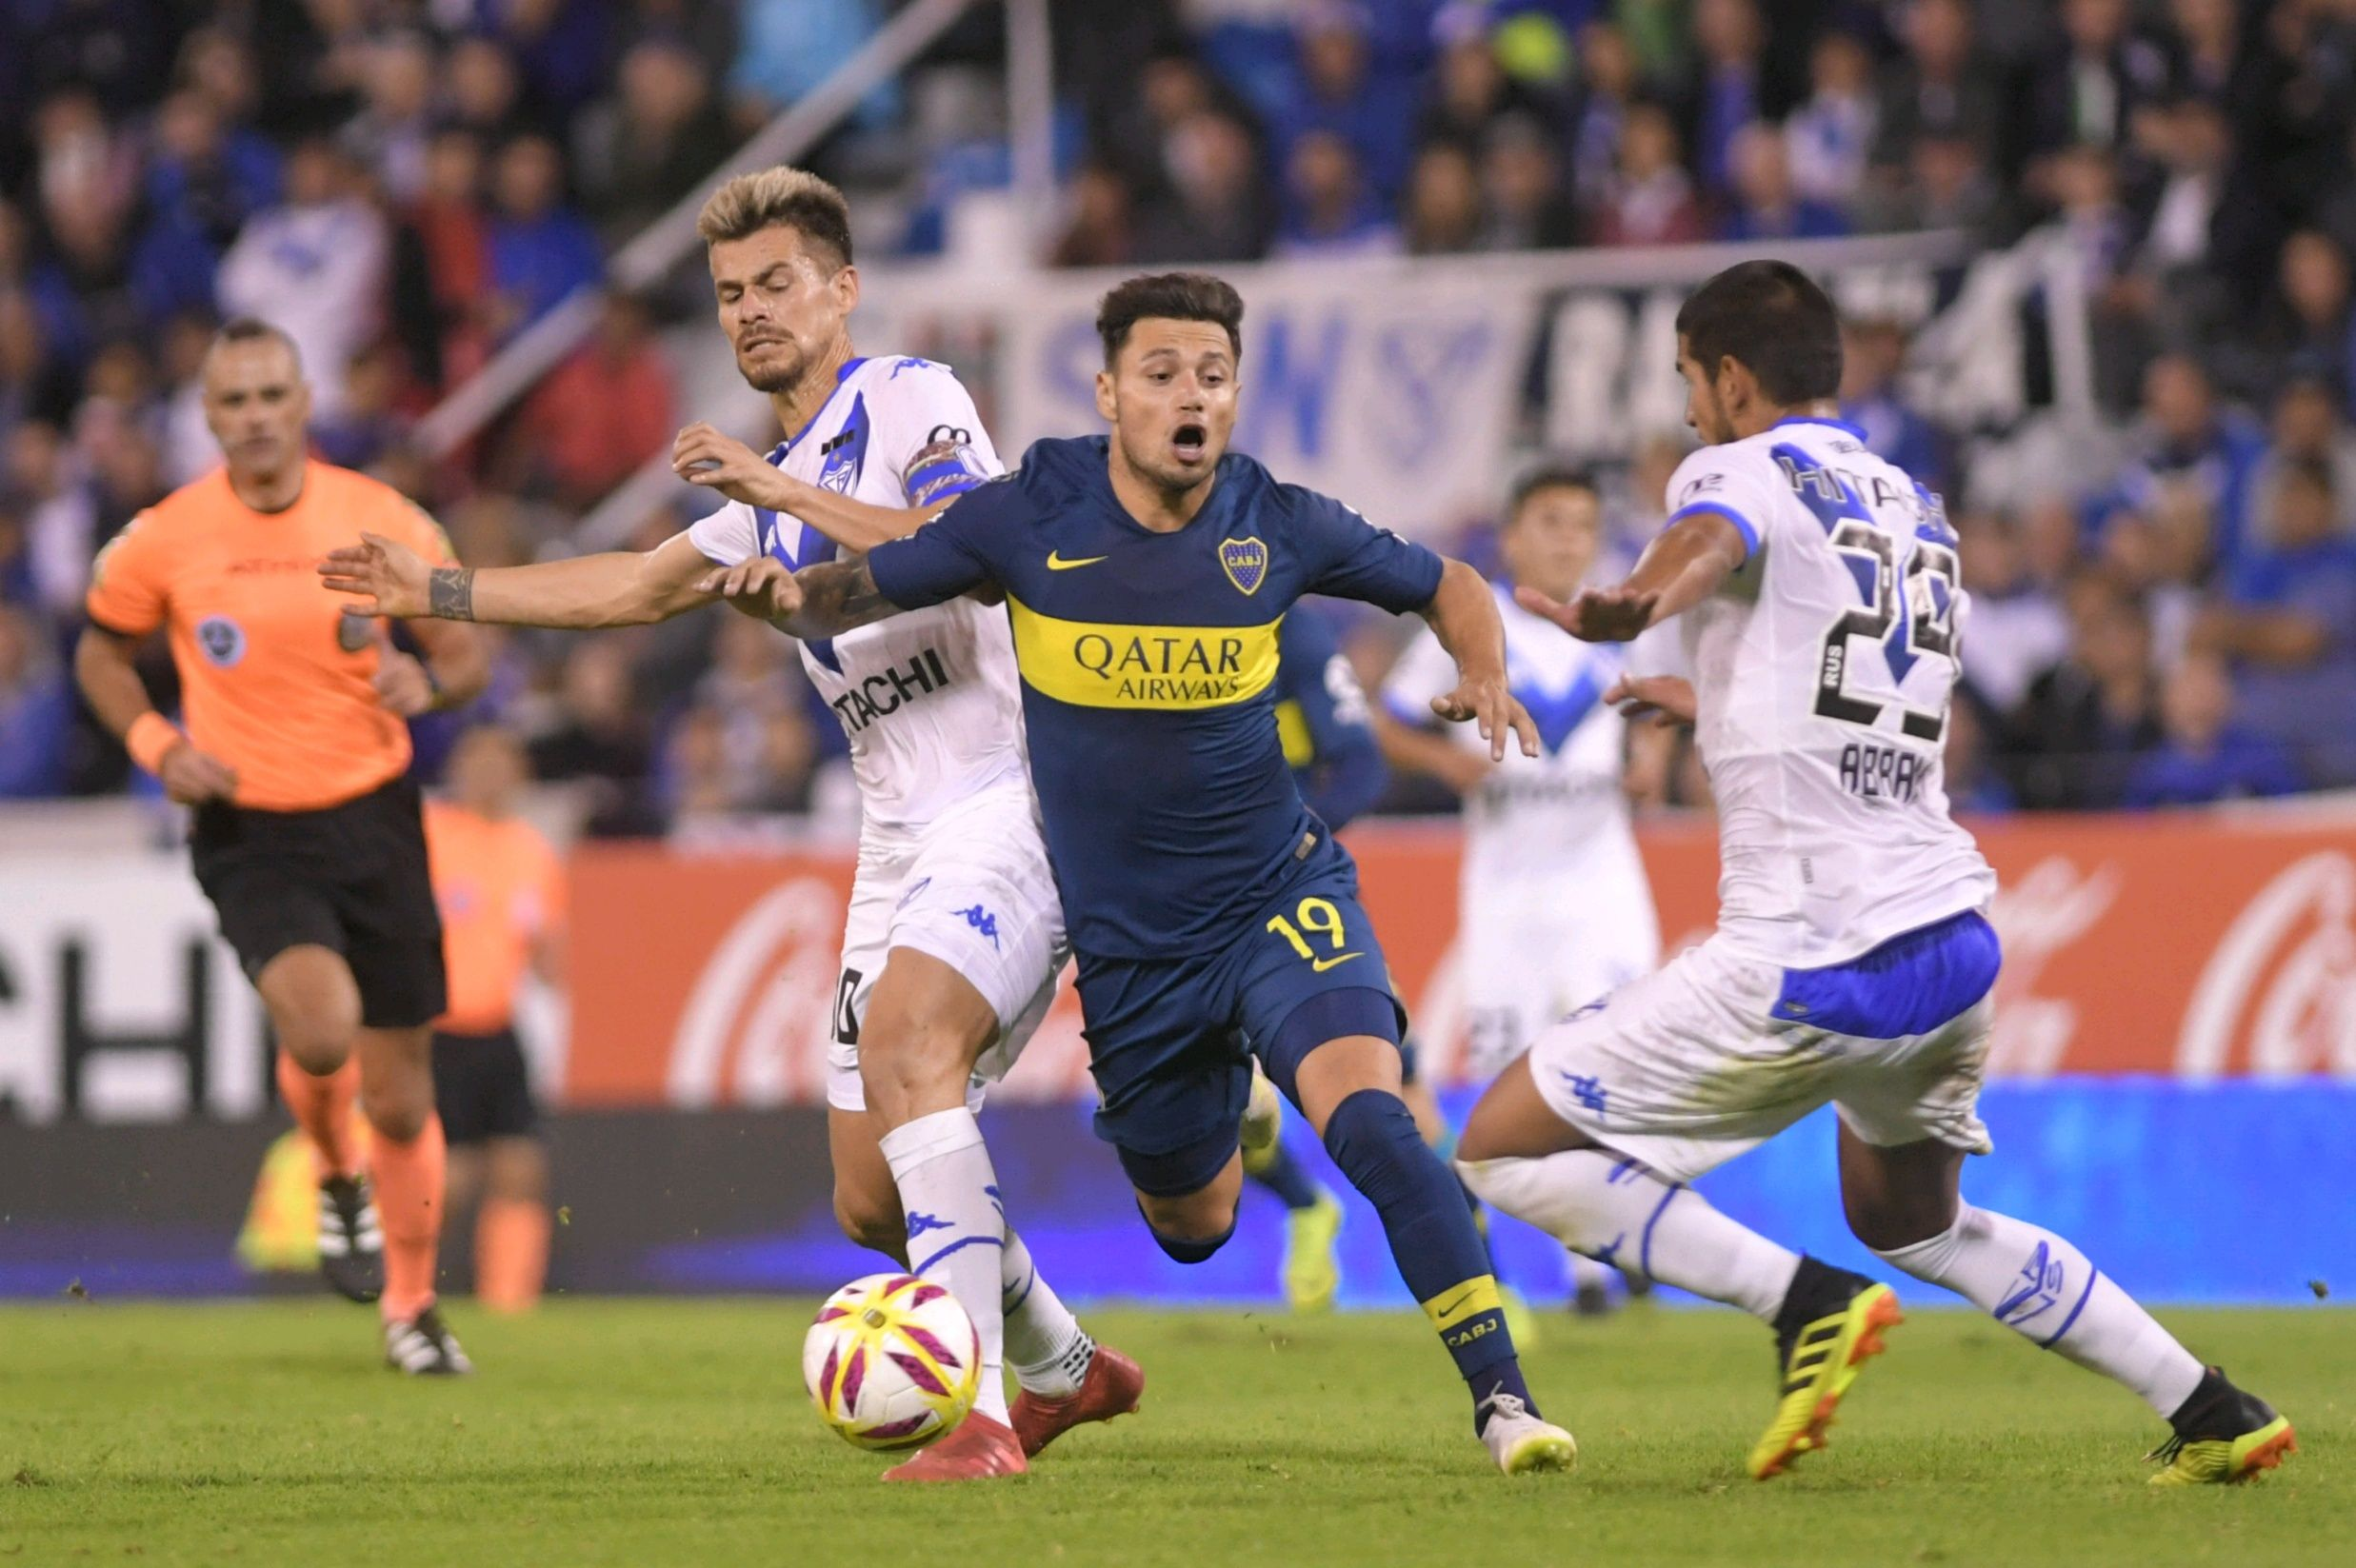 Con Mauro Zárate de titular, Vélez y Boca igualaron sin goles